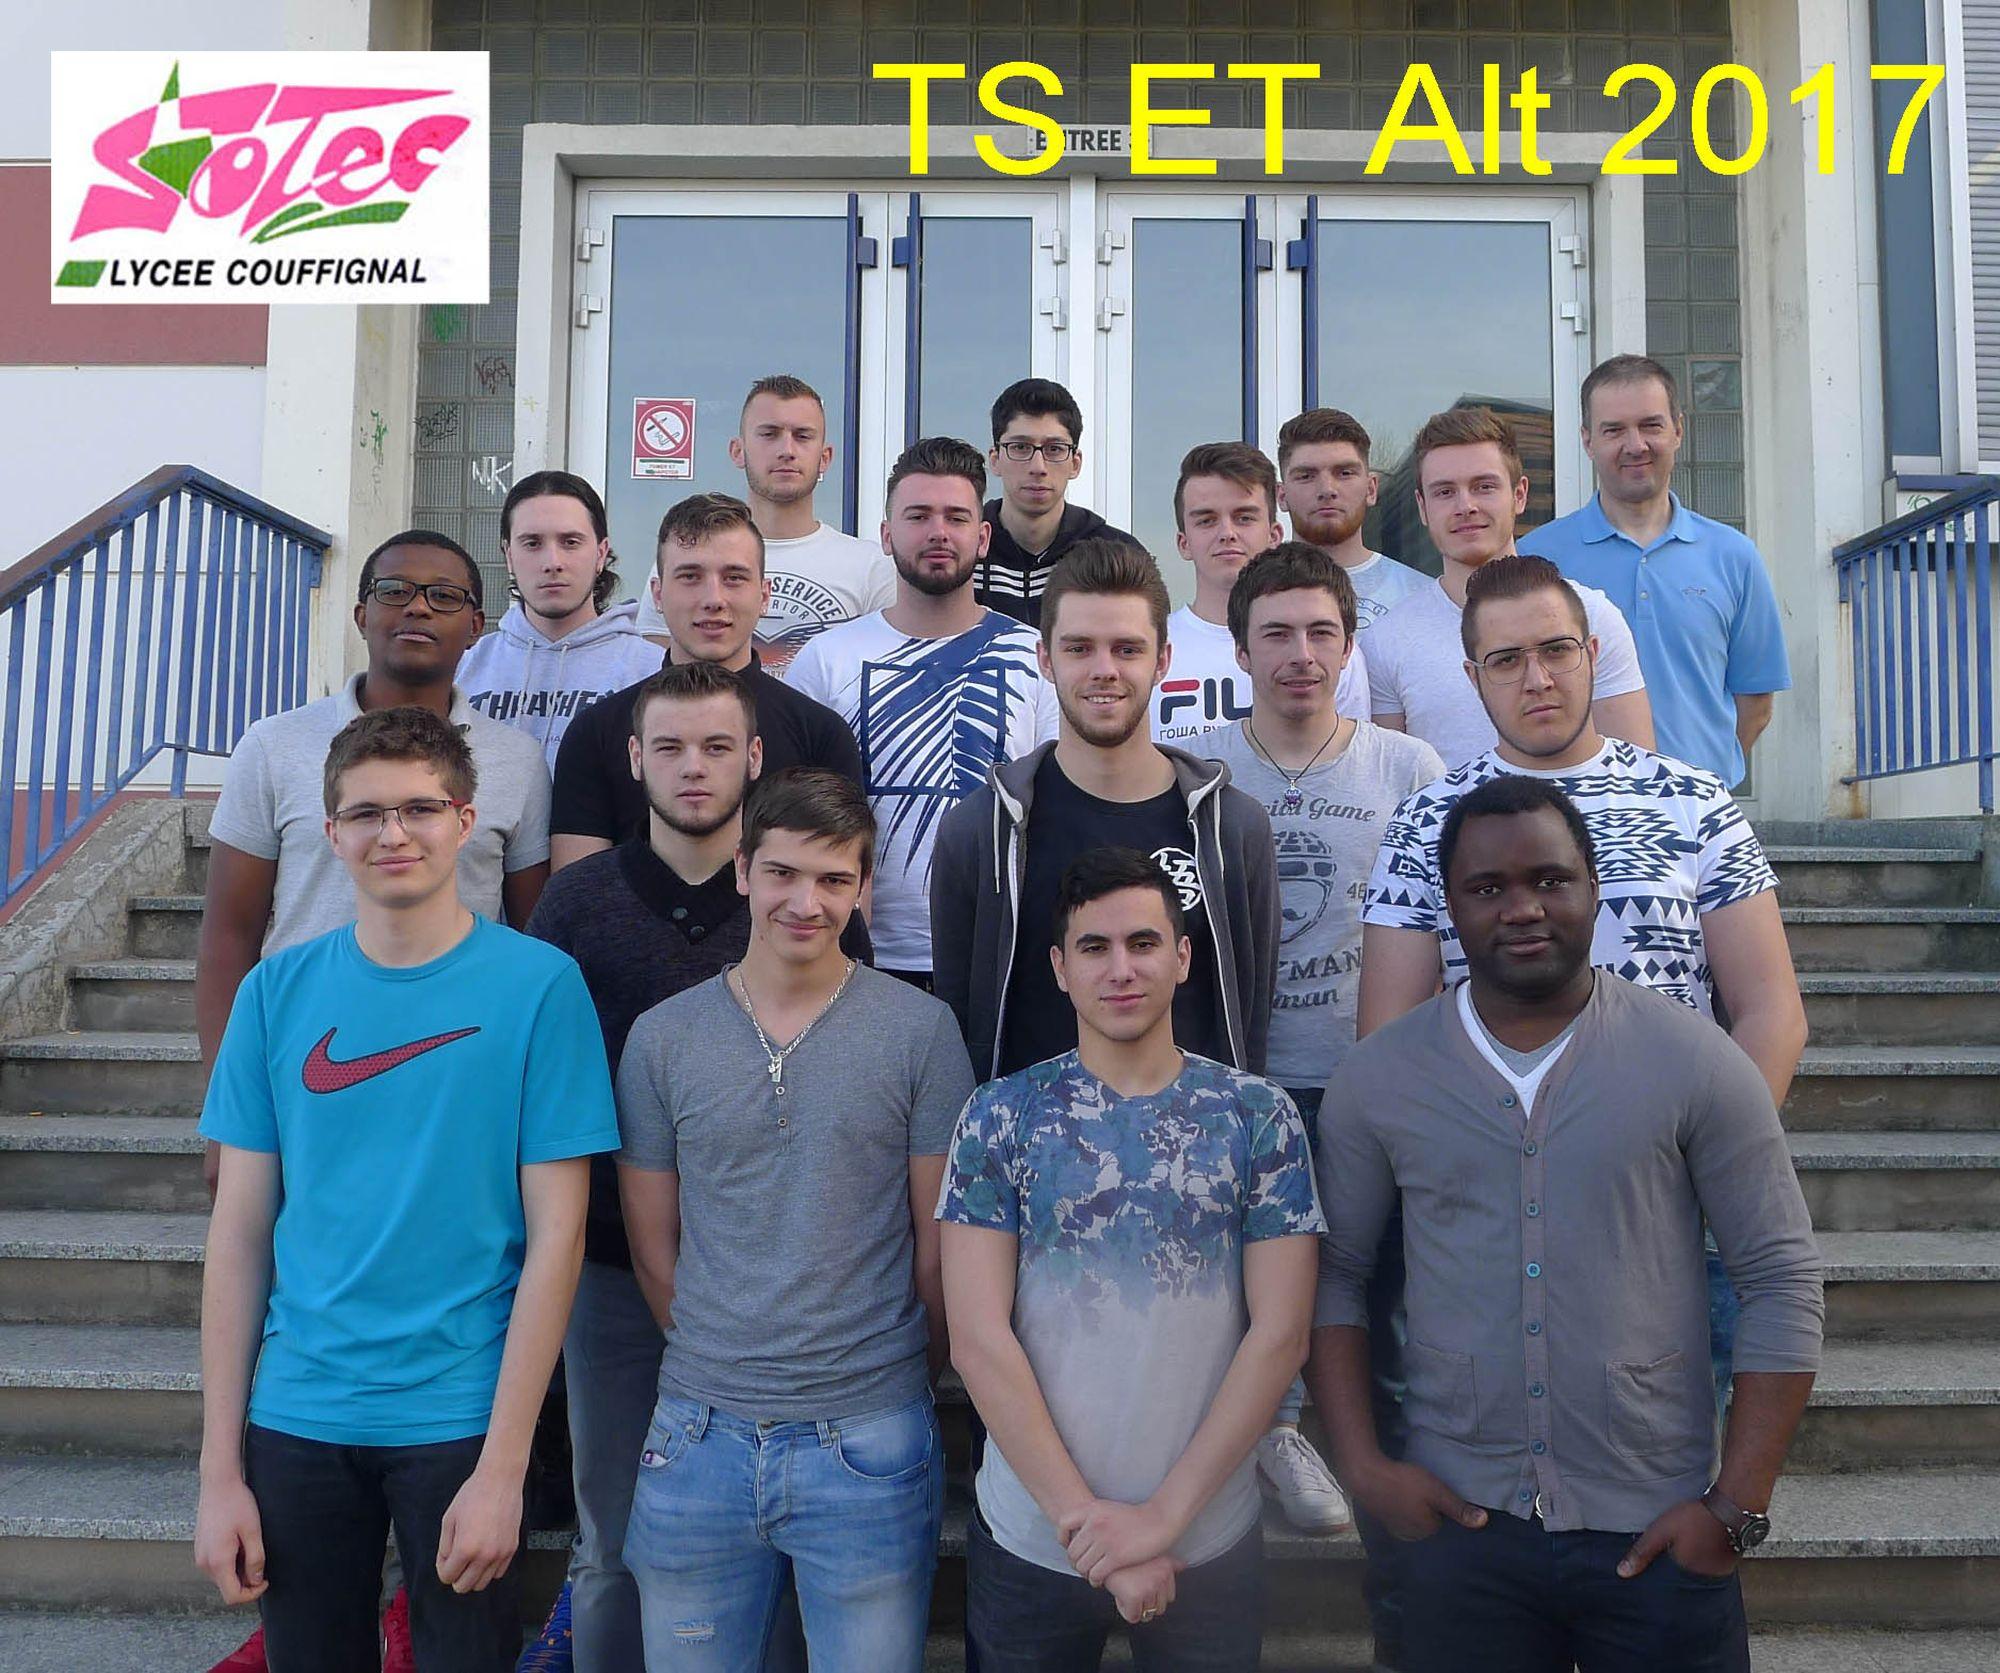 ETAltS.jpg